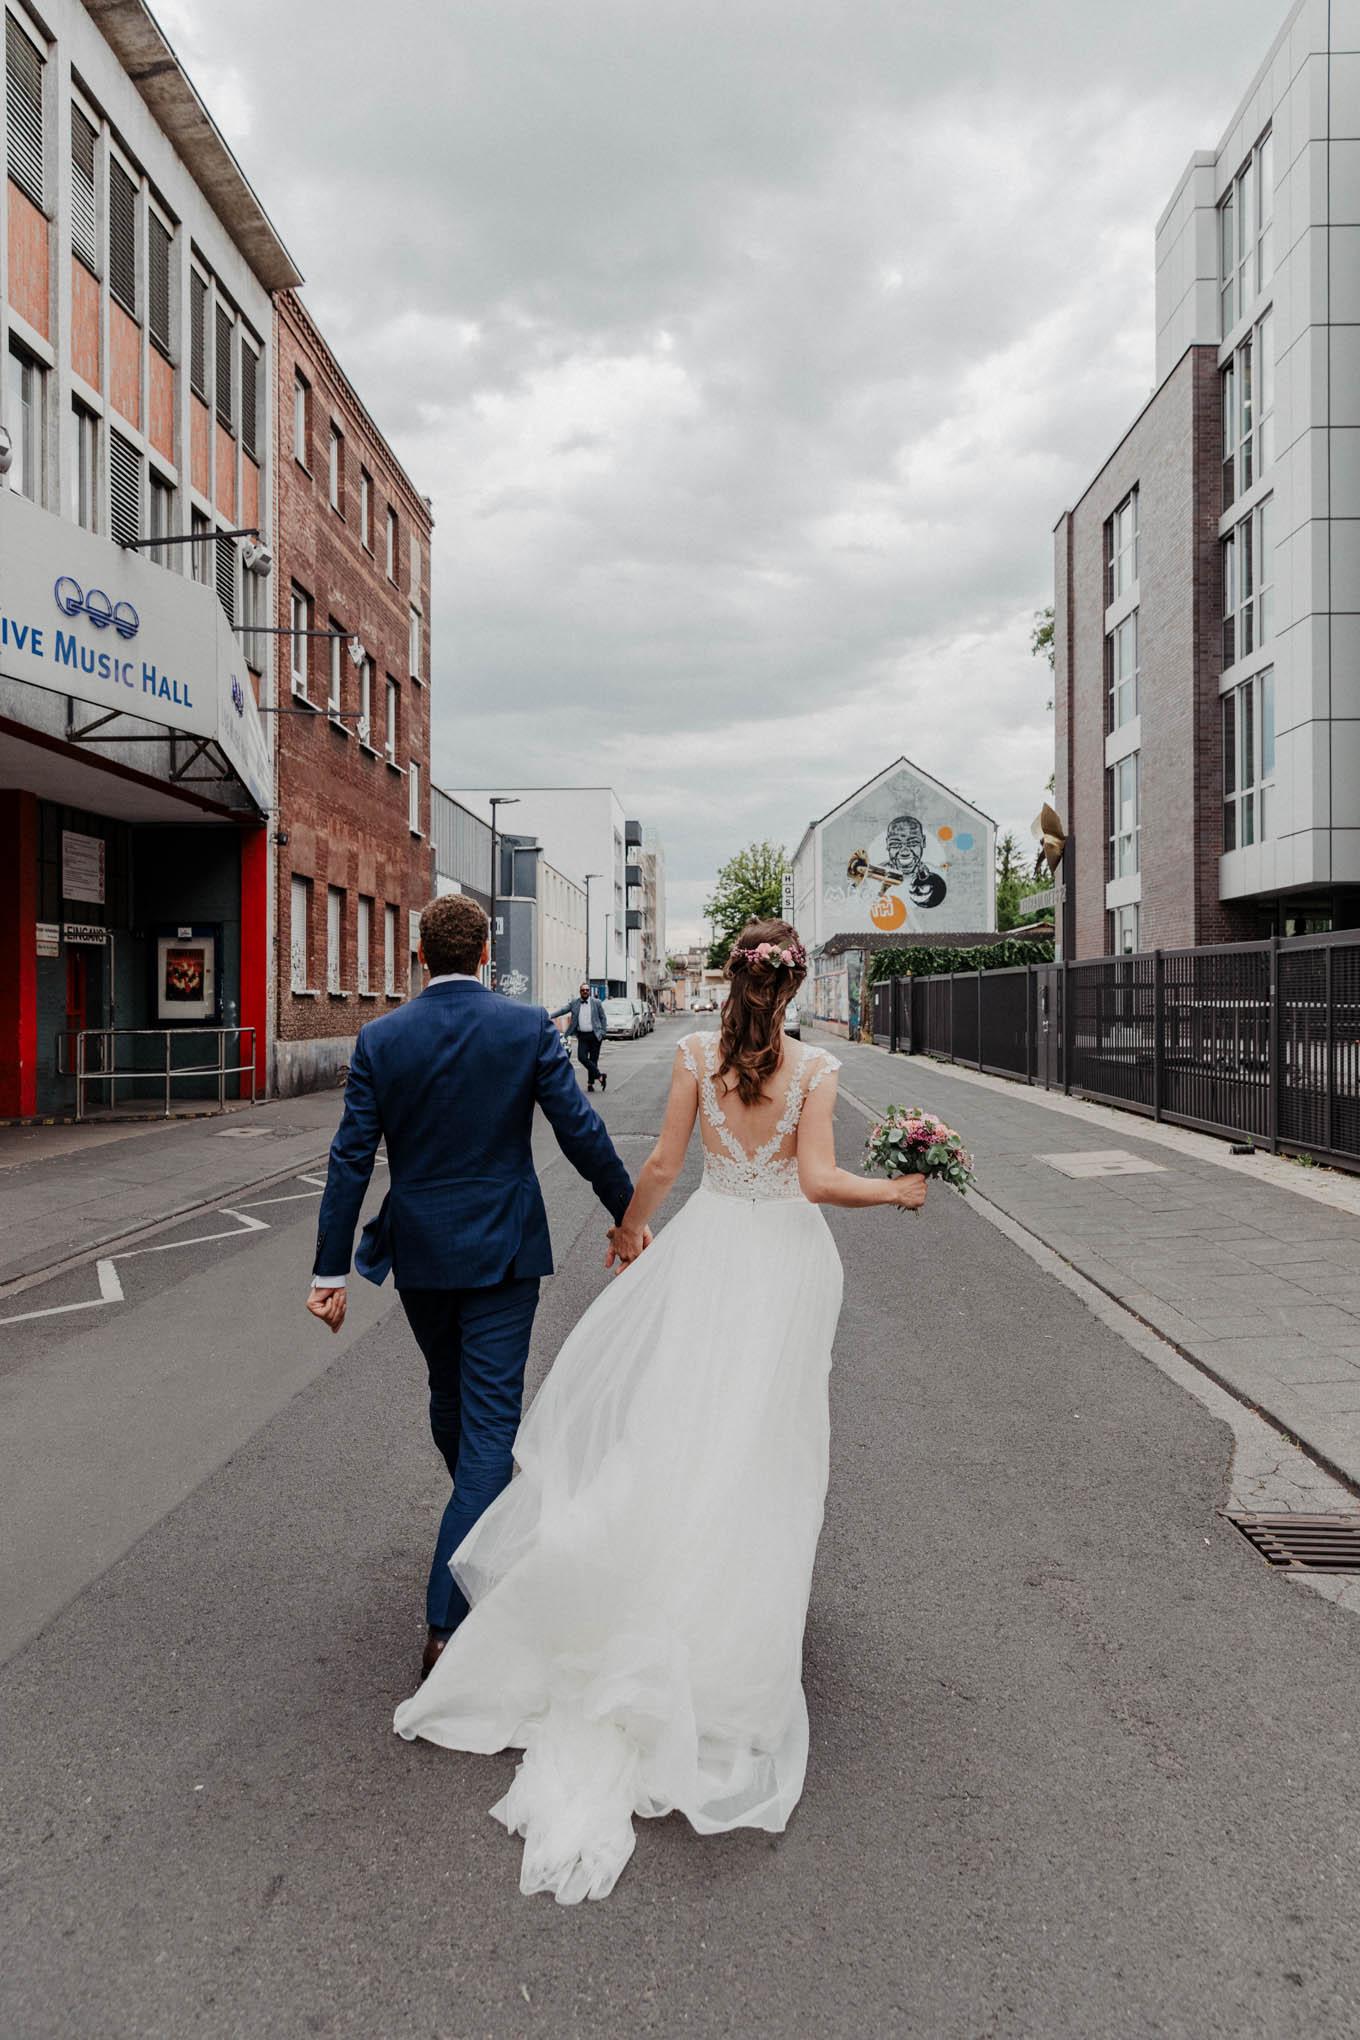 Hochzeitsfoto vor der live music hall in Köln Ehrenfeld